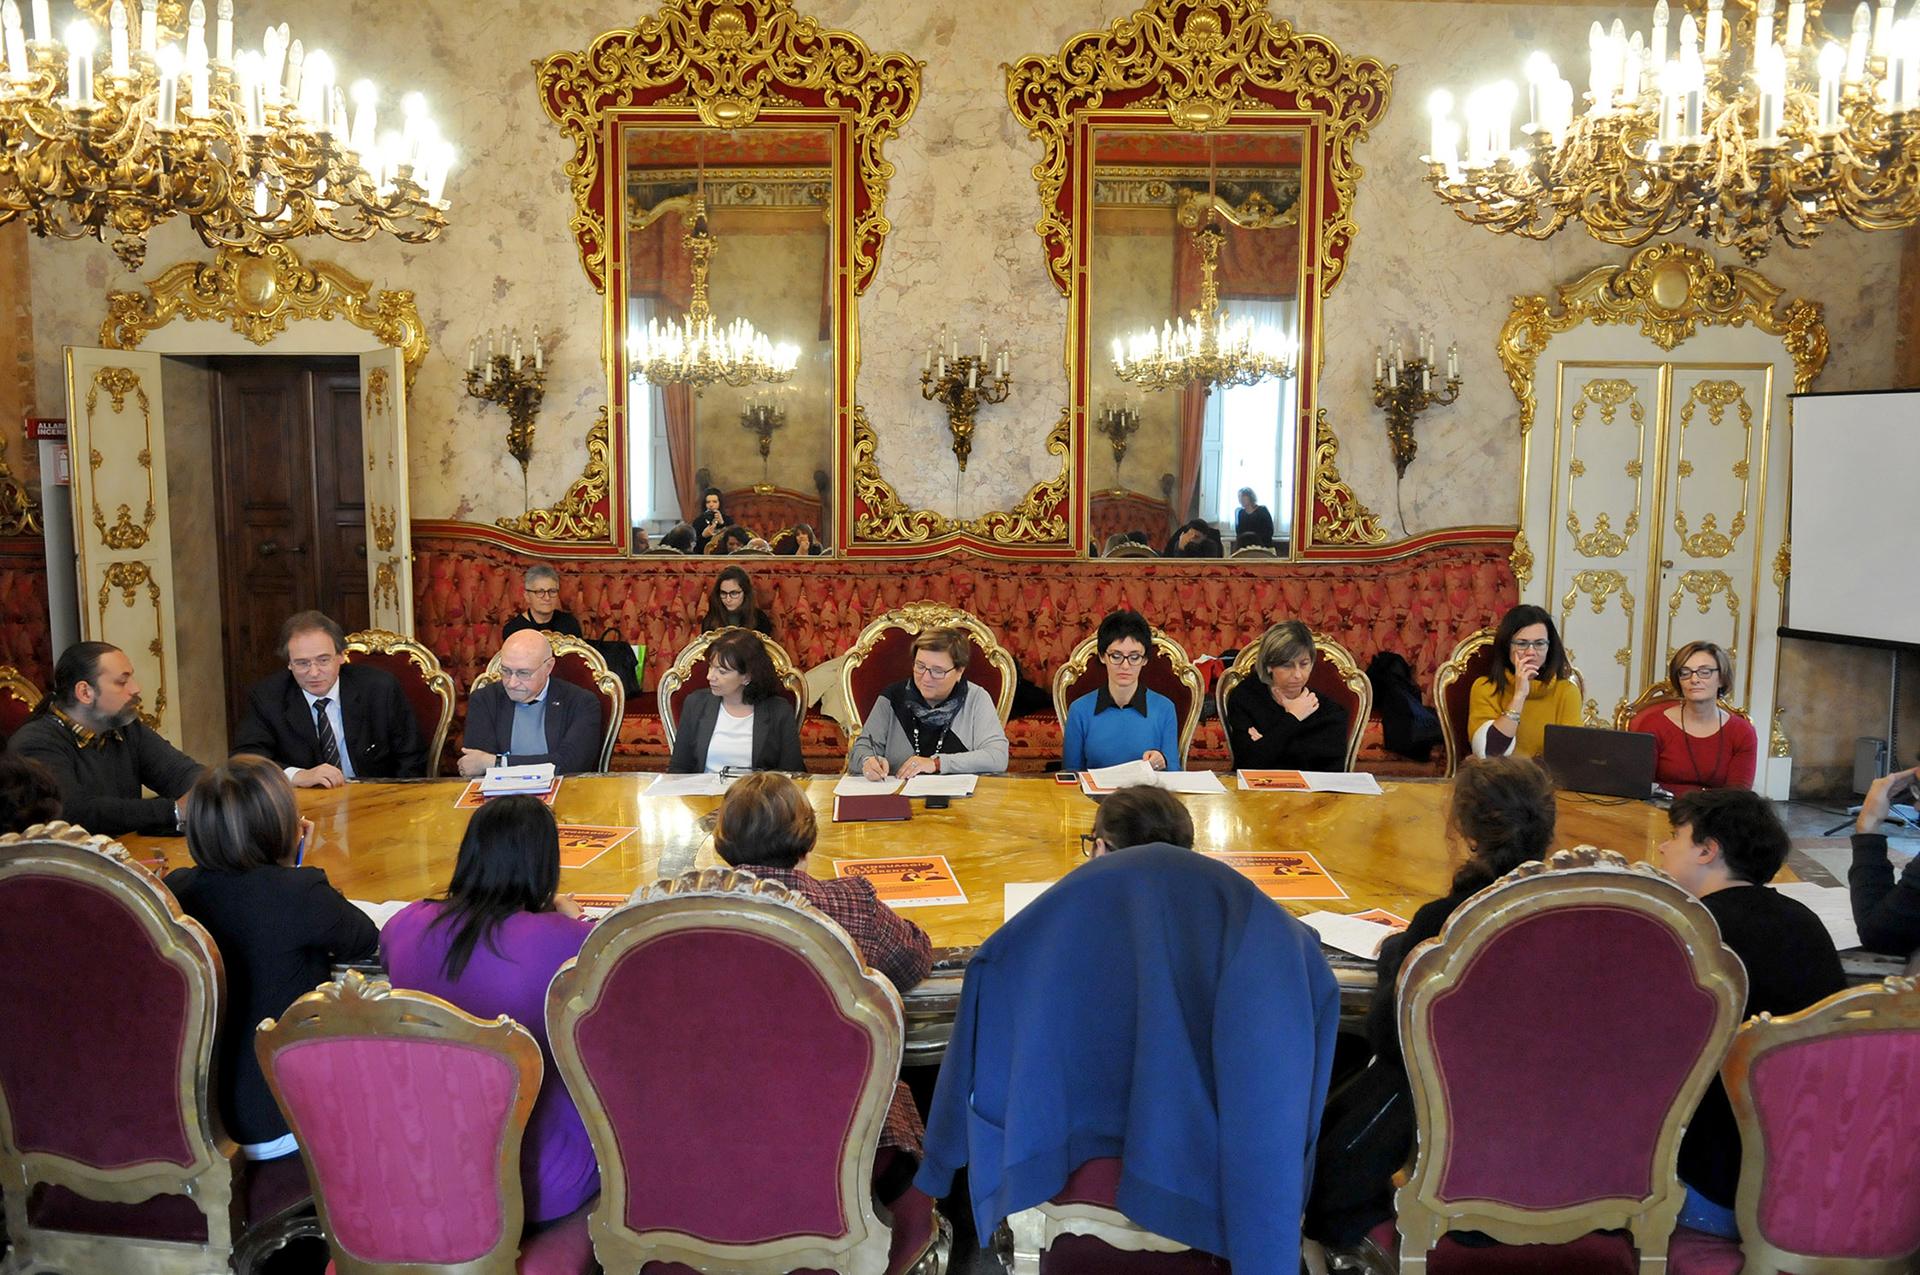 Presentazione firma del Protocollo sulla comunicazione di genere